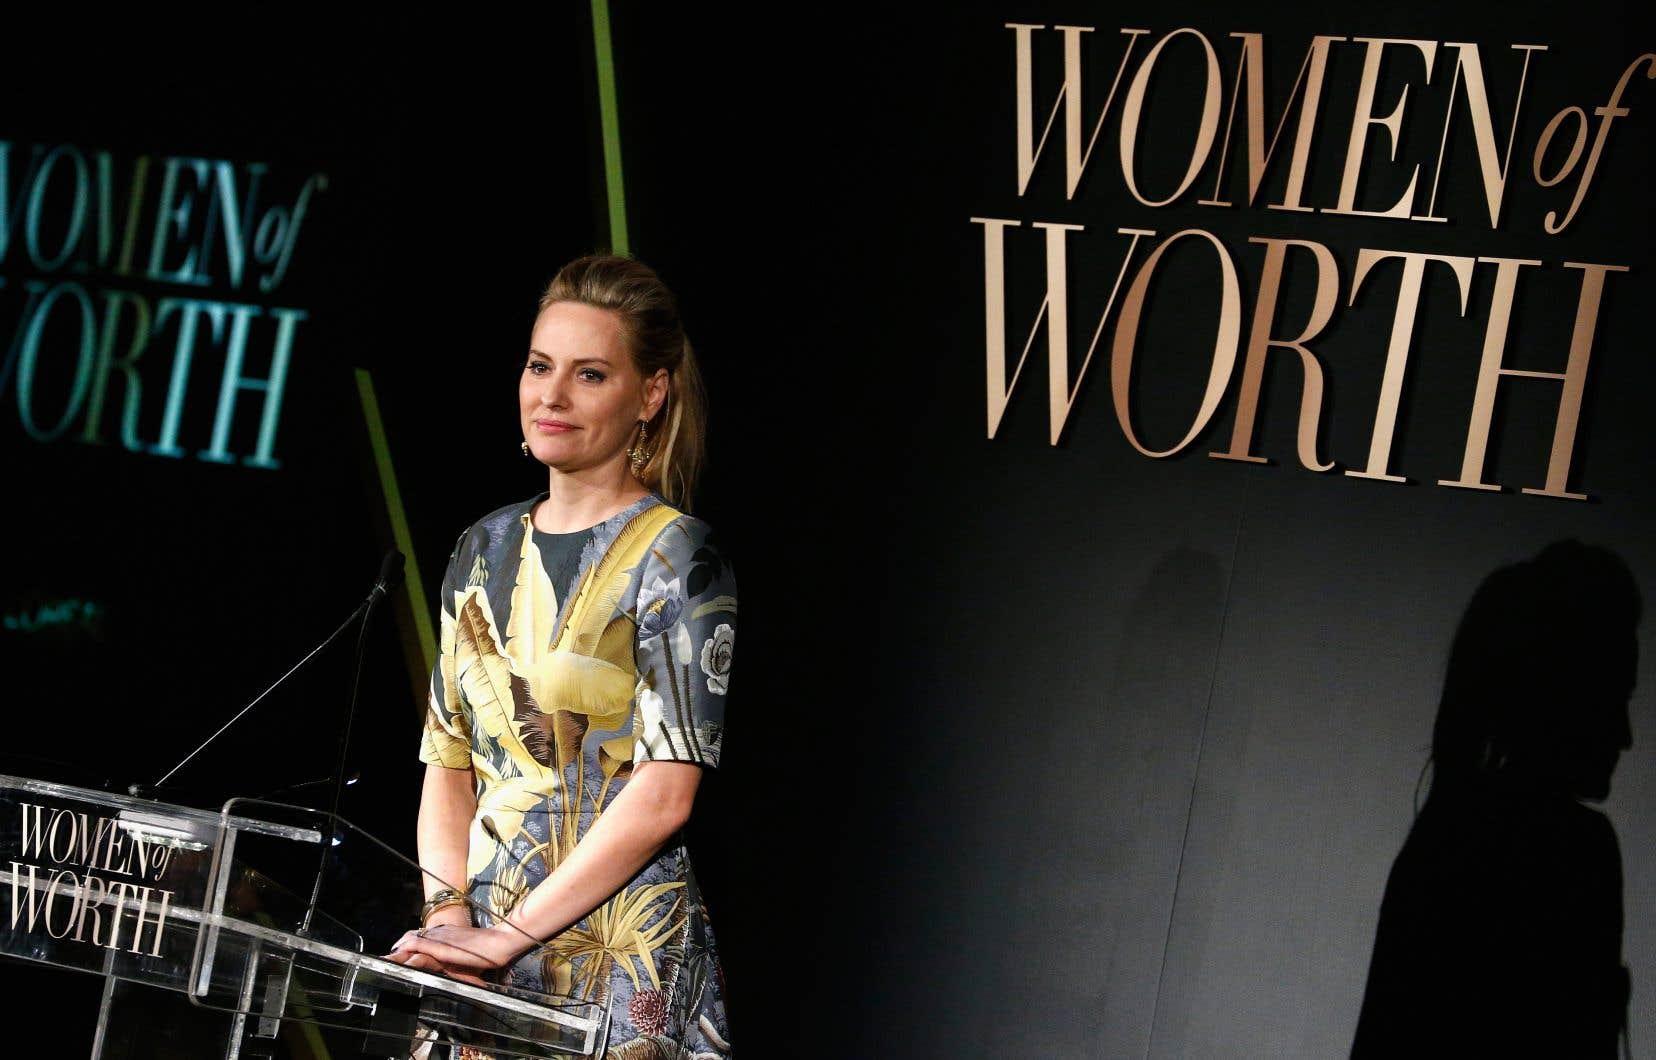 L'athlète, mannequin et actrice Aimee Mullins, en 2016